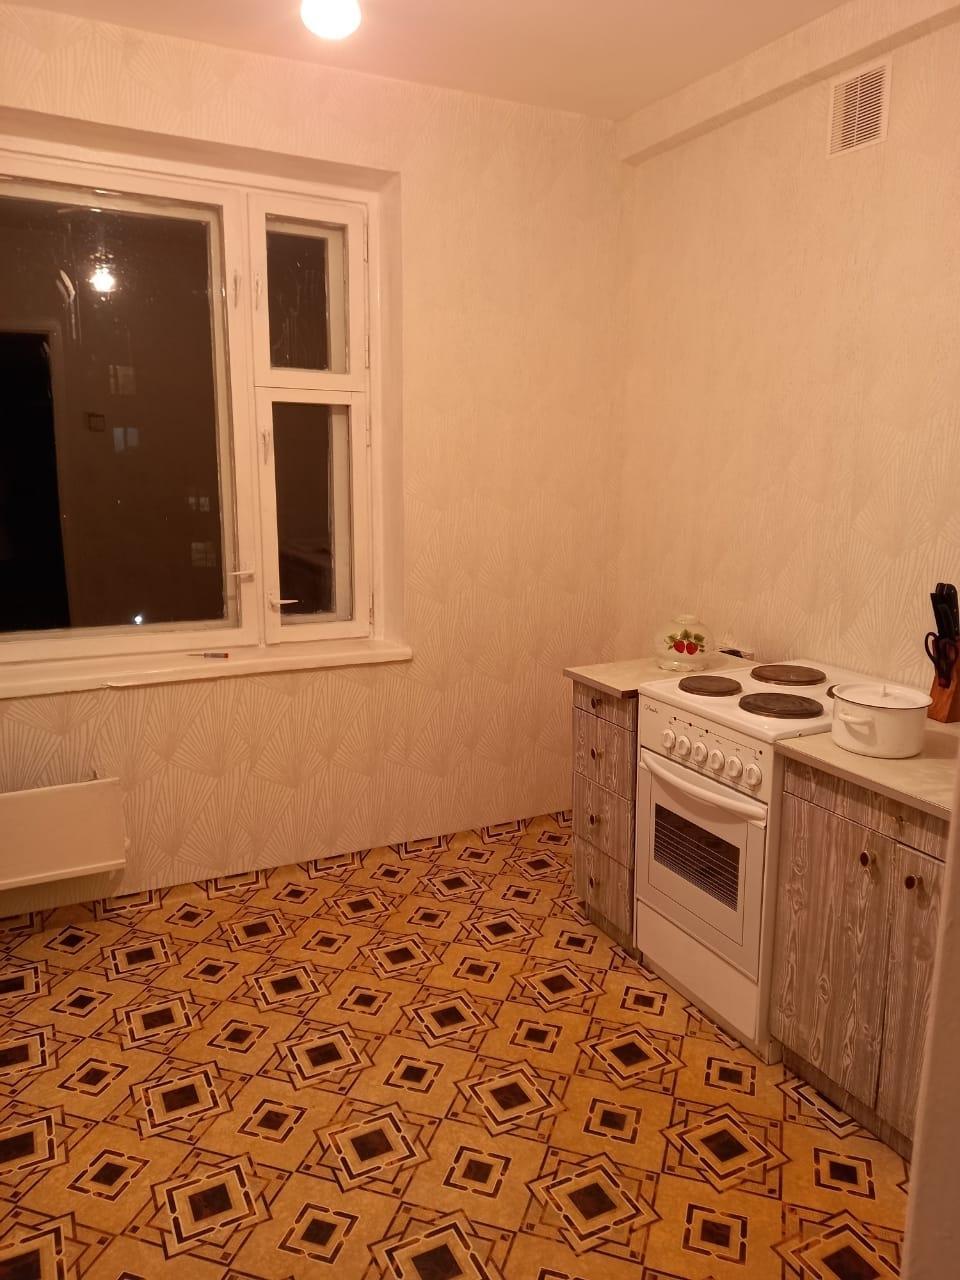 3к квартира улица Алёши Тимошенкова, 191 | 9000 | аренда в Красноярске фото 6